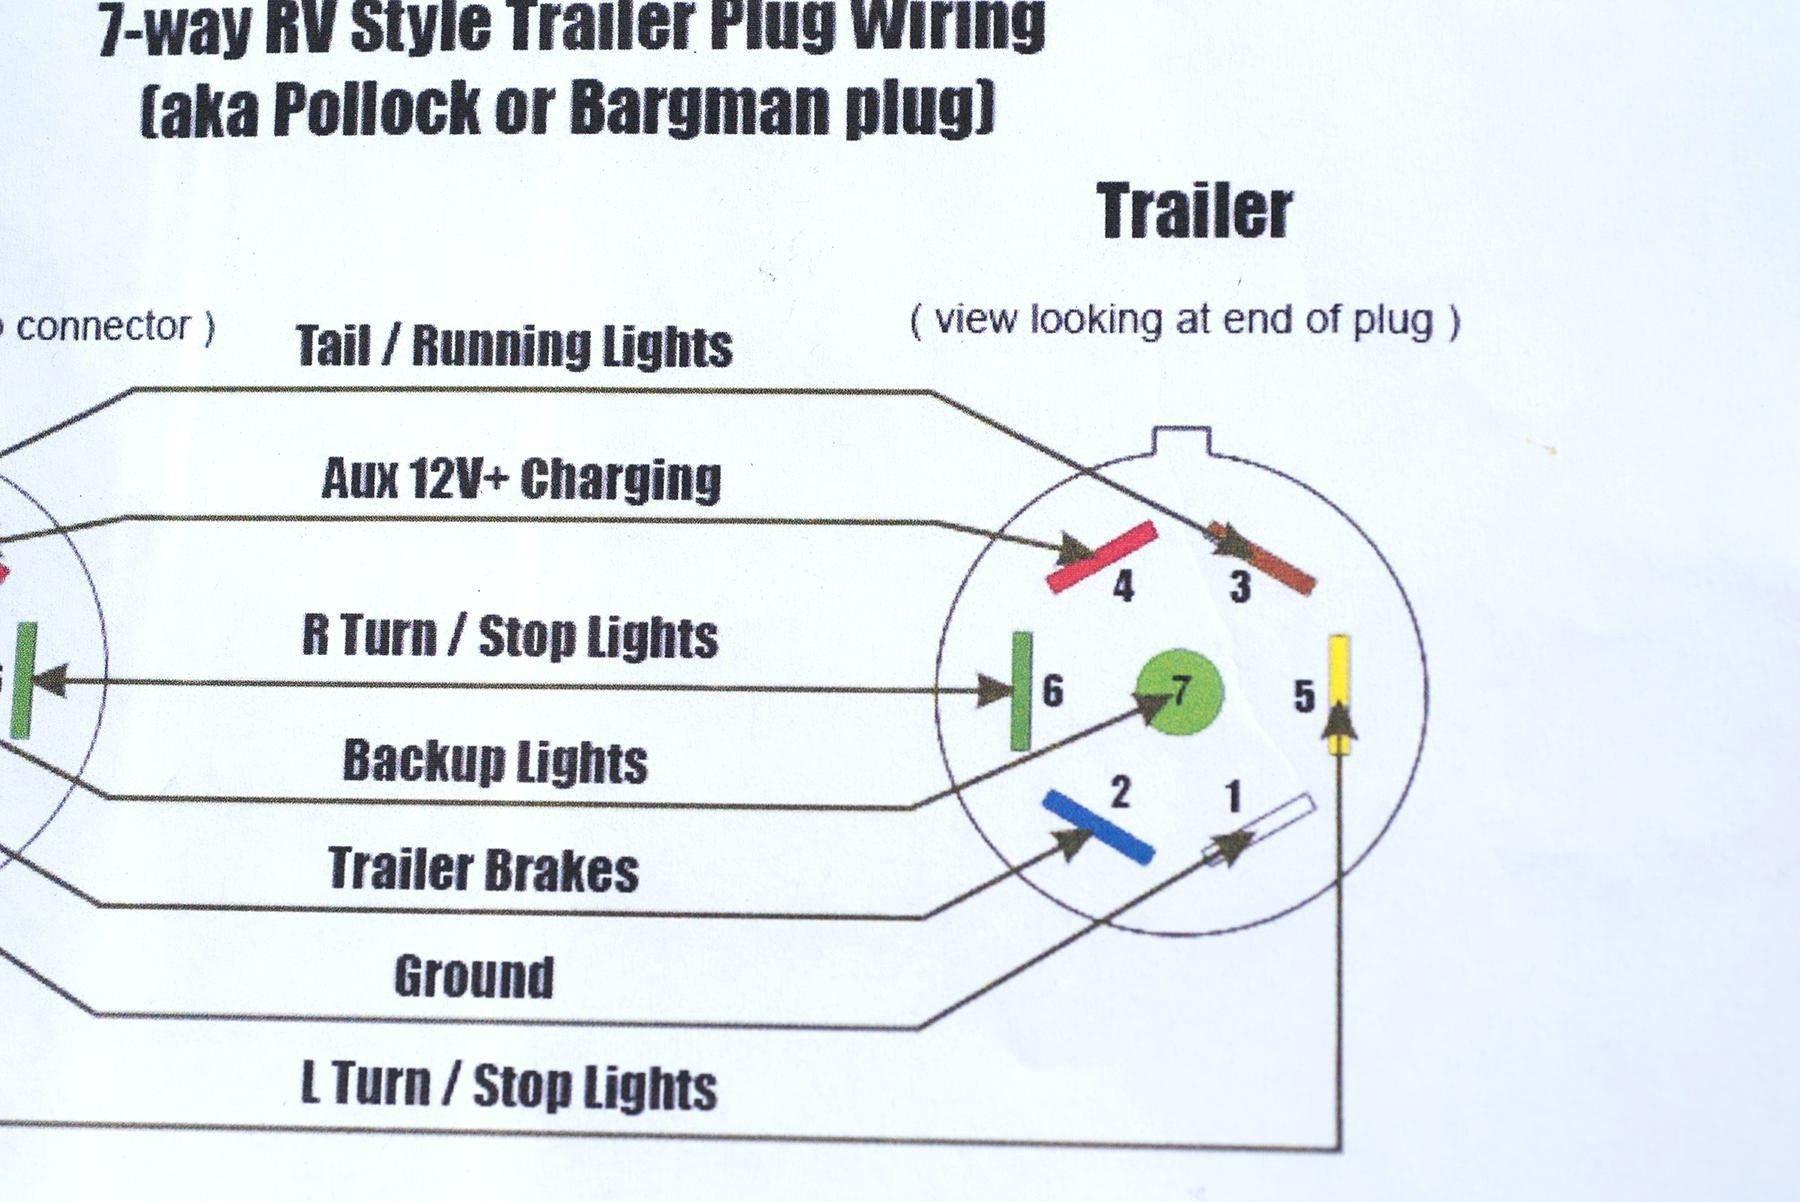 new 1998 dodge ram 1500 trailer wiring diagram diagram diagramsample diagramtemplate wiringdiagram [ 1800 x 1202 Pixel ]